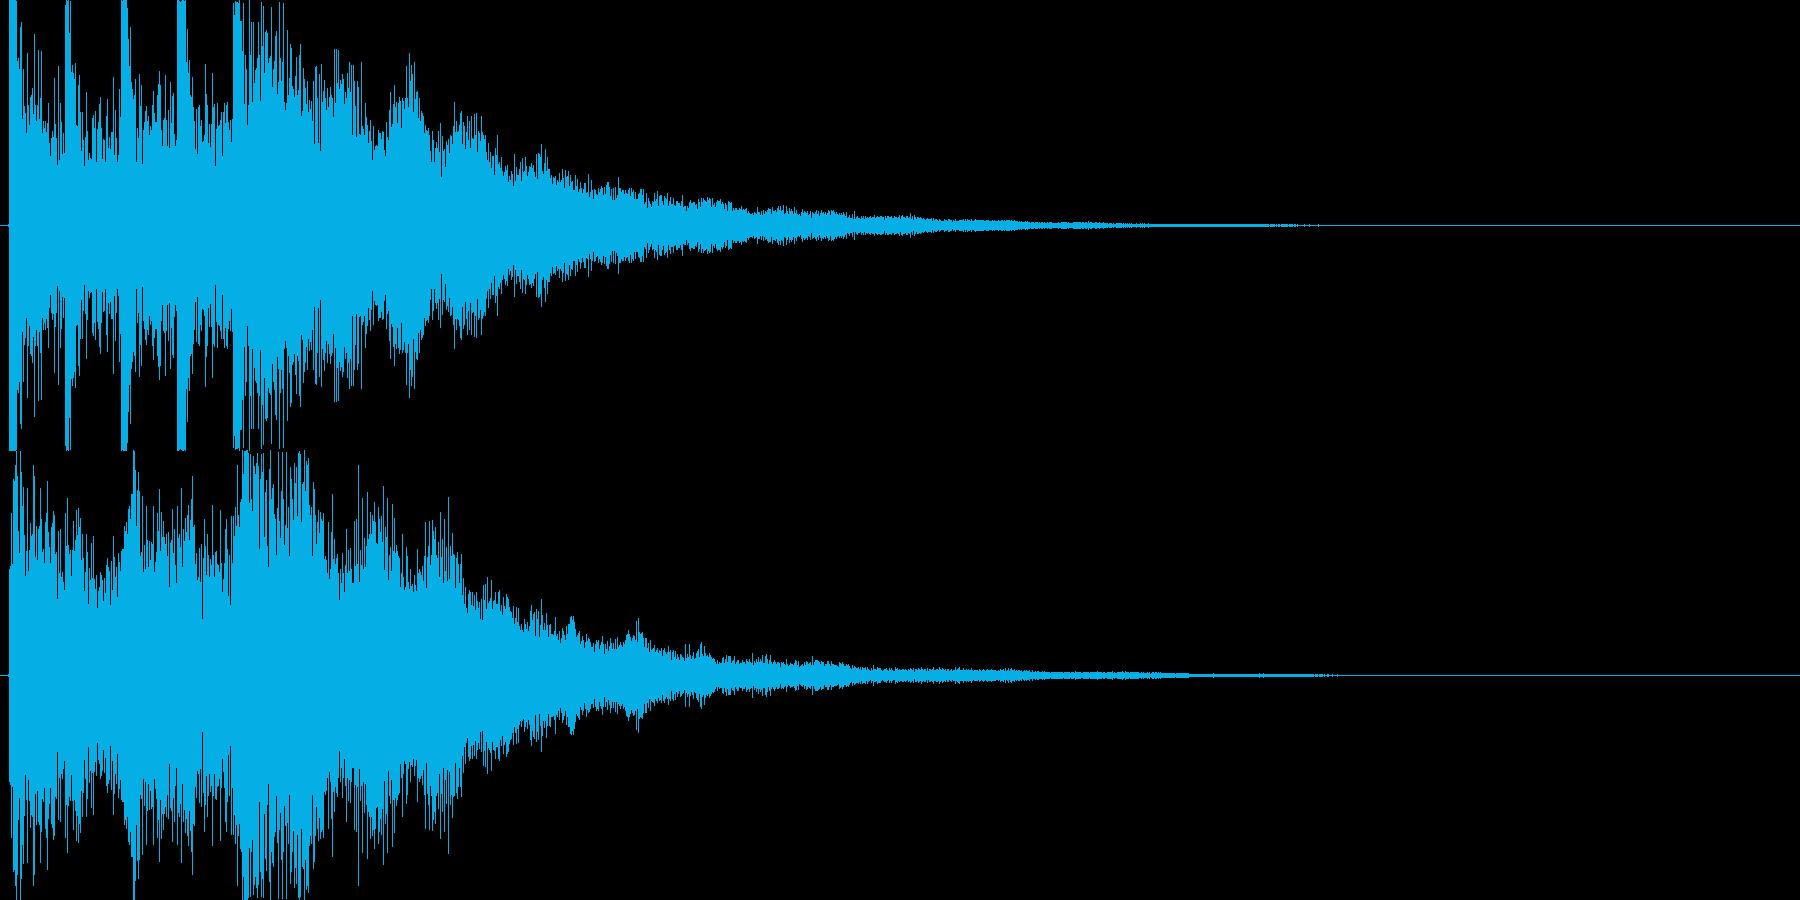 高音質煌めき系ジングル曲可愛くキラの再生済みの波形